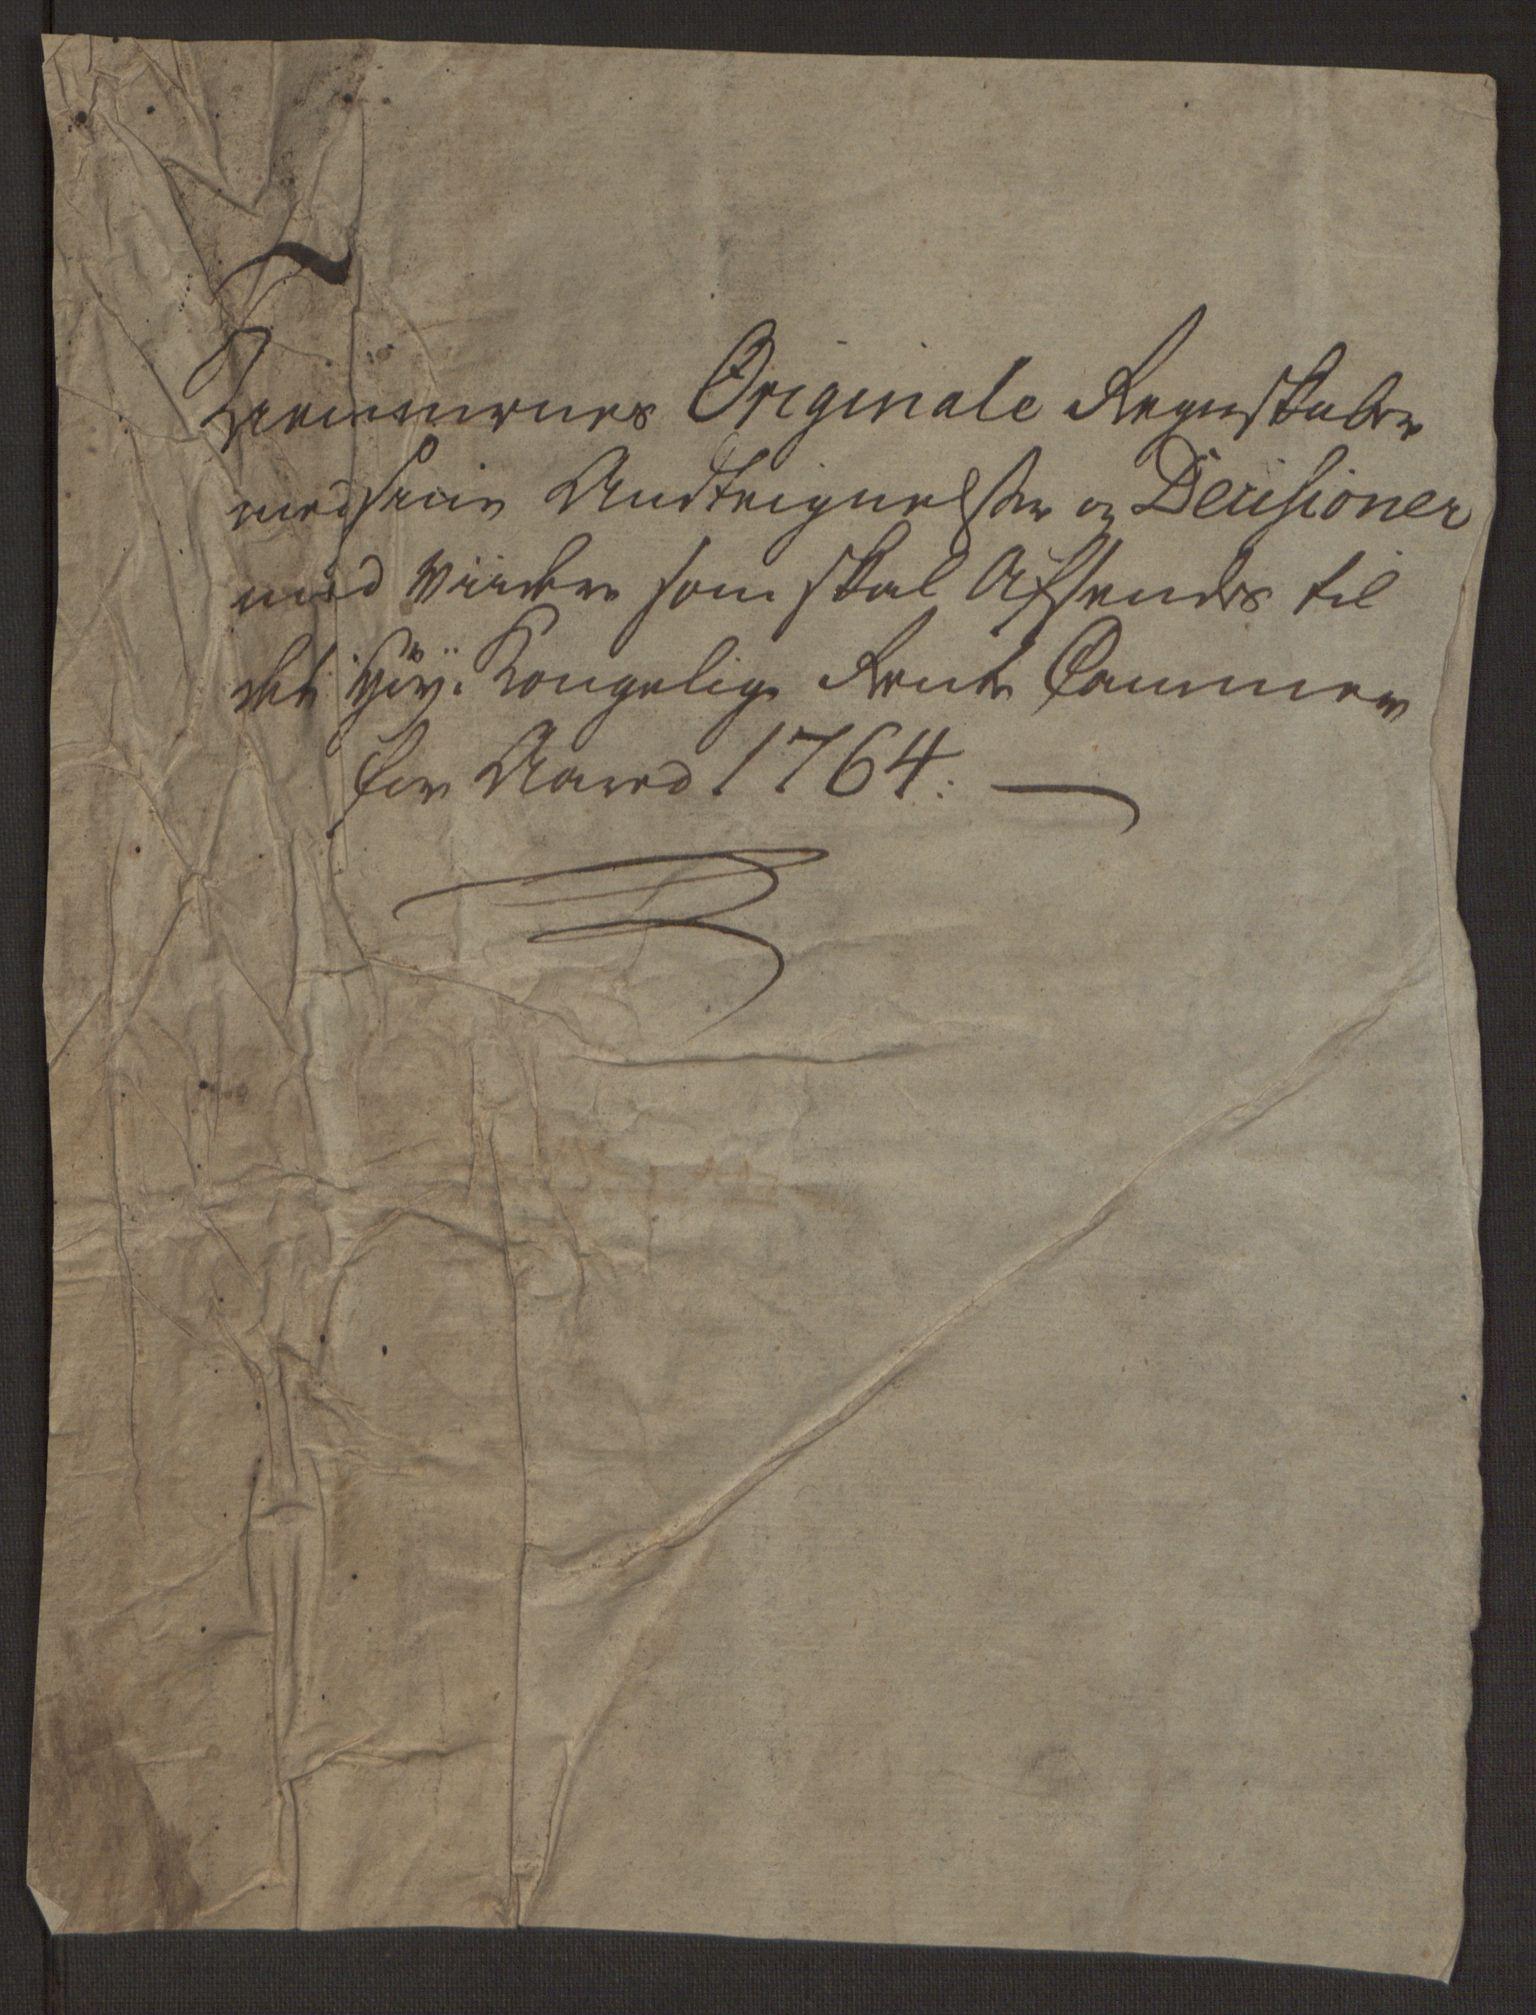 RA, Rentekammeret inntil 1814, Reviderte regnskaper, Byregnskaper, R/Rp/L0367: [P21] Kontribusjonsregnskap, 1764, s. 10